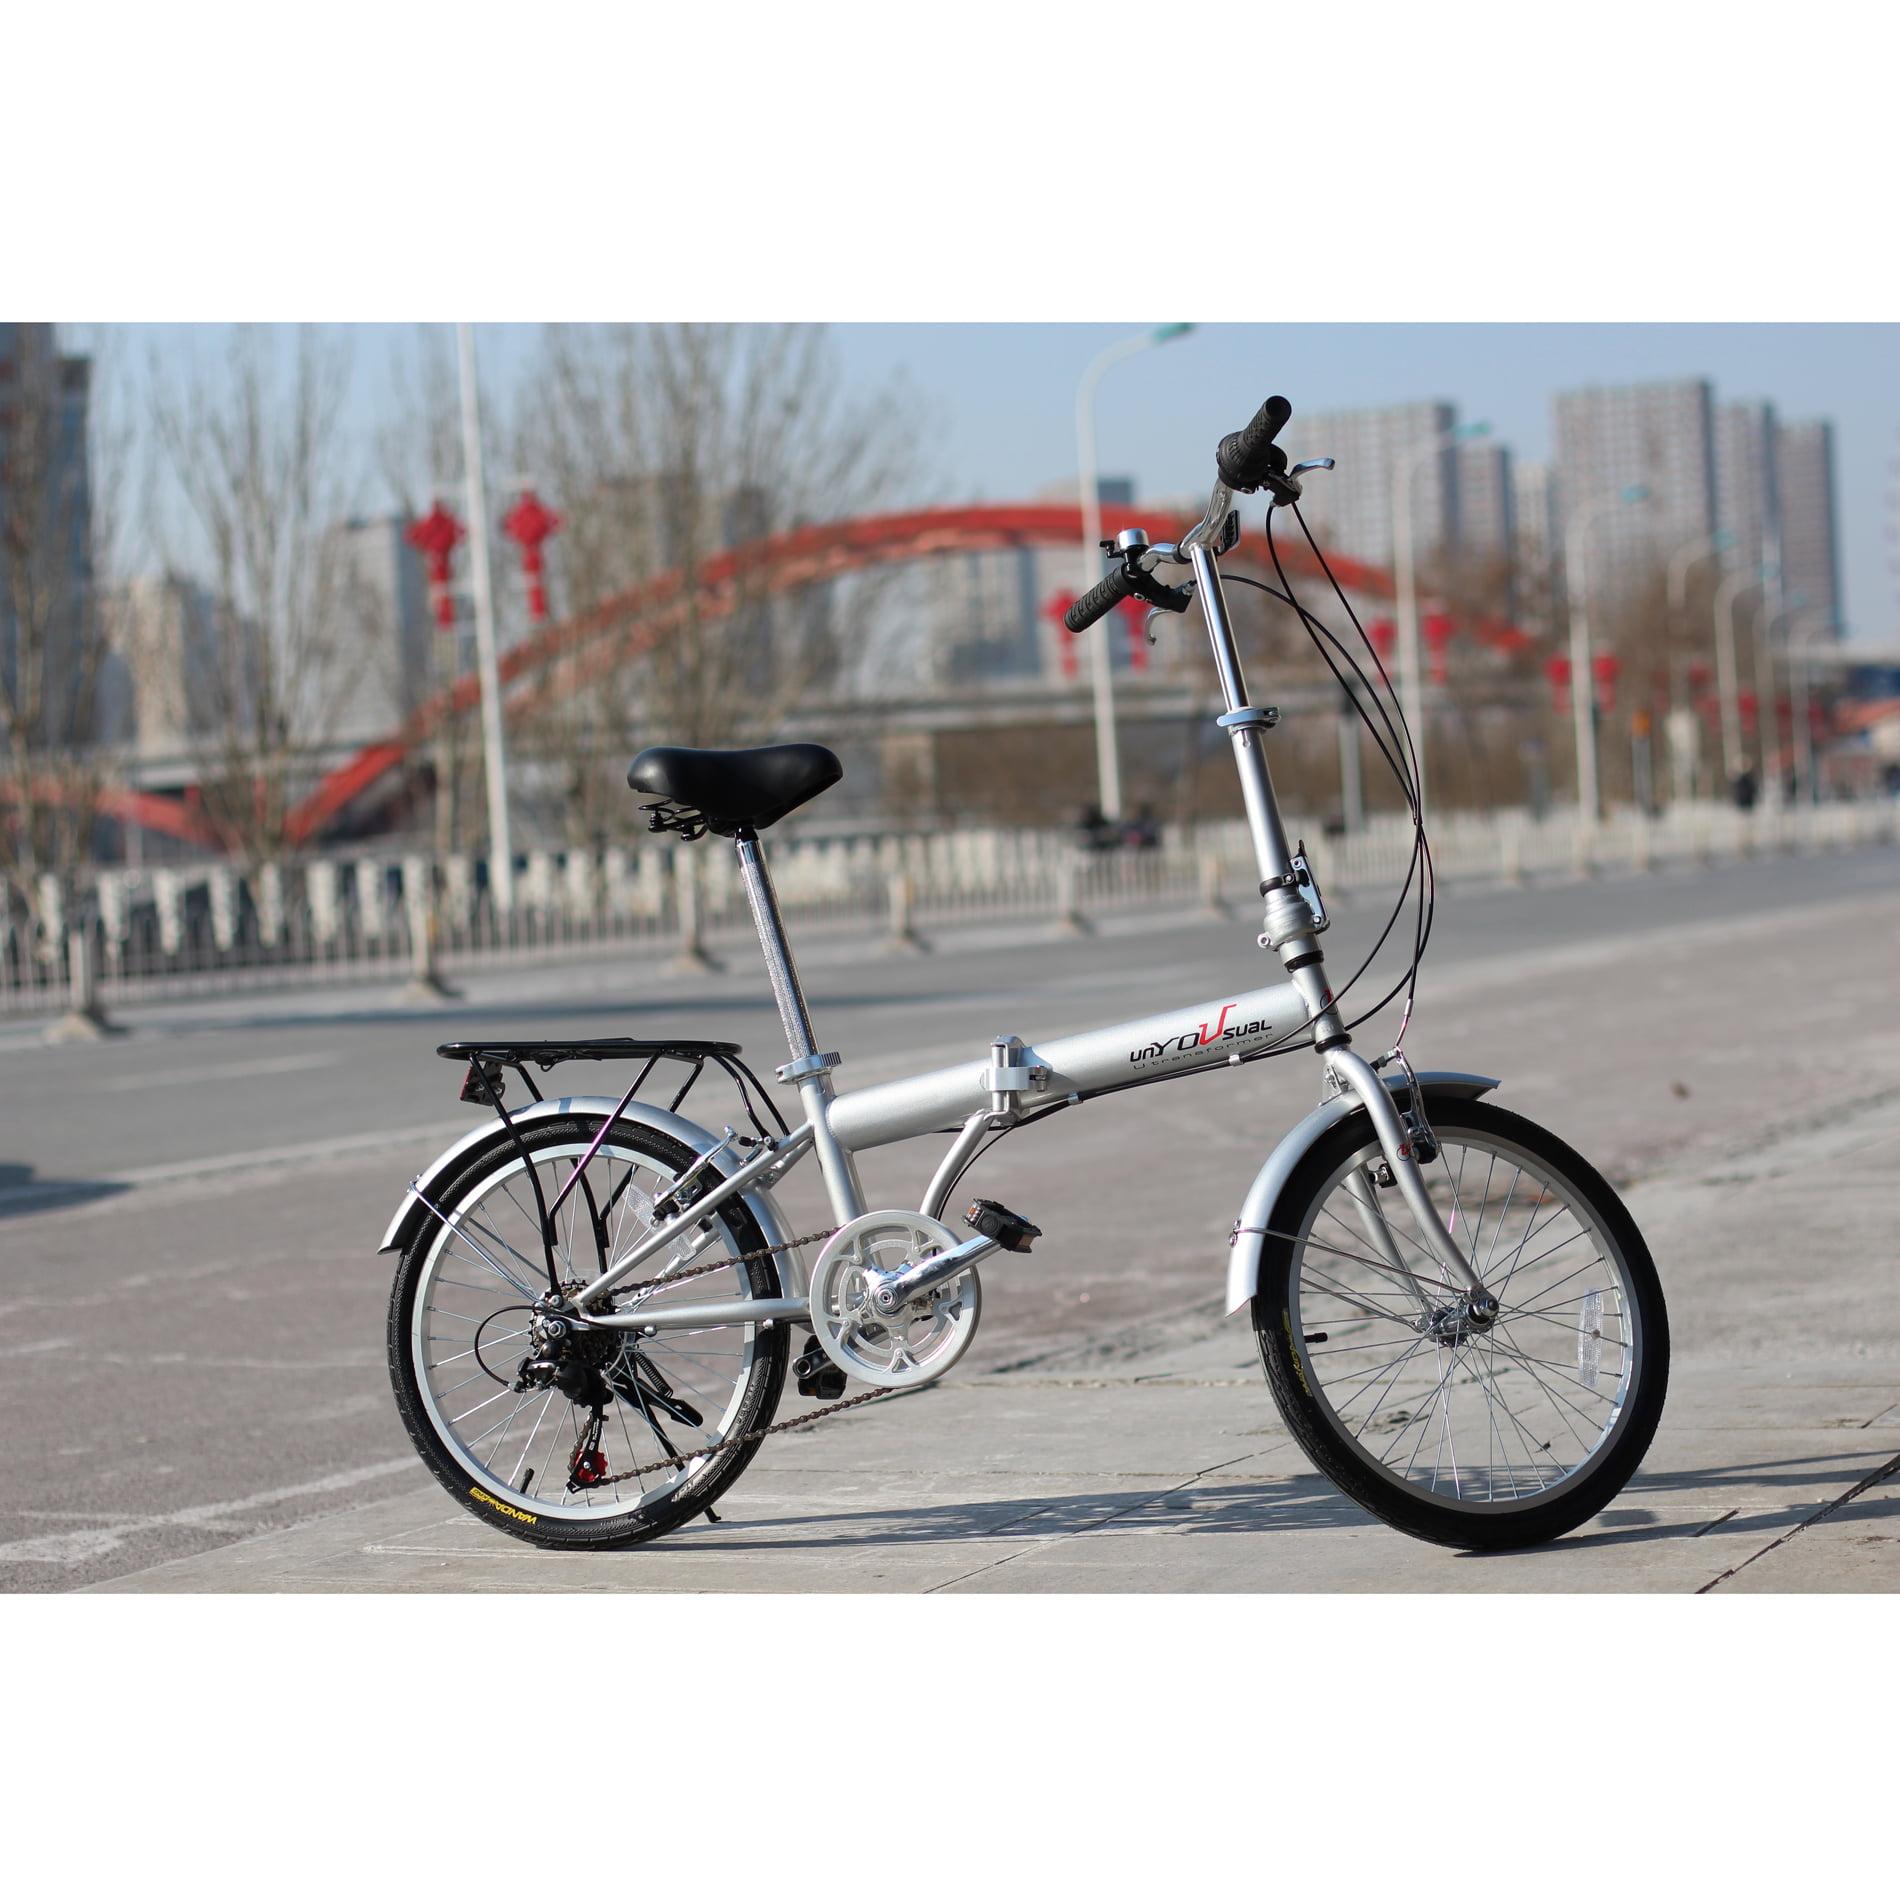 """unYOUsual U transformer 20"""" Folding City Bike Bicycle 6 Speed Shimano Gear"""